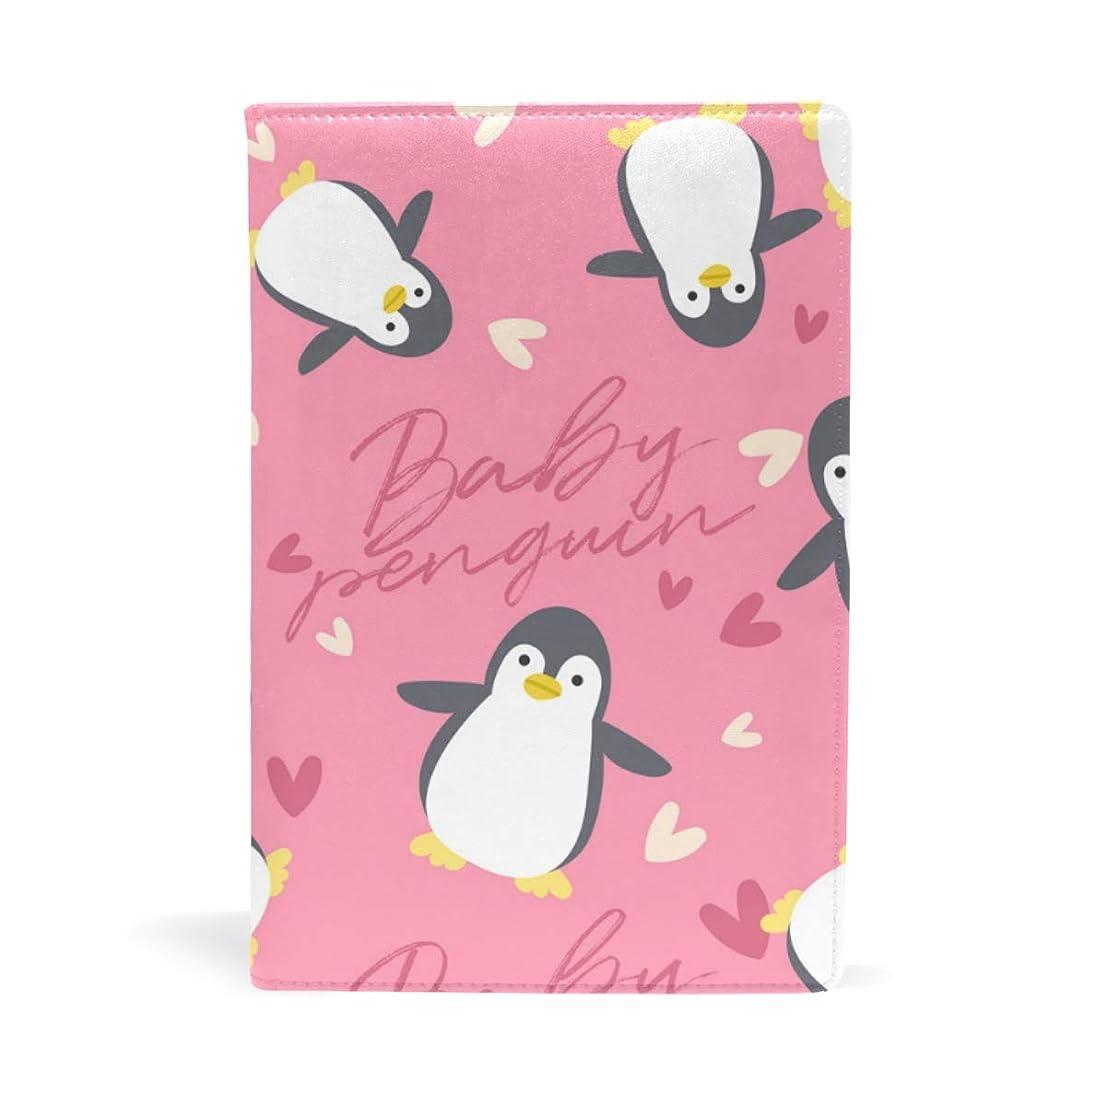 竜巻グラスグラフSoreSore(ソレソレ) ブックカバー a5 ペンギン ハート ピンク 可愛い かわいい 皮革 レザー 文庫本 ノートカバー メモ 手帳カバー 革 A5 かわいい おしゃれ